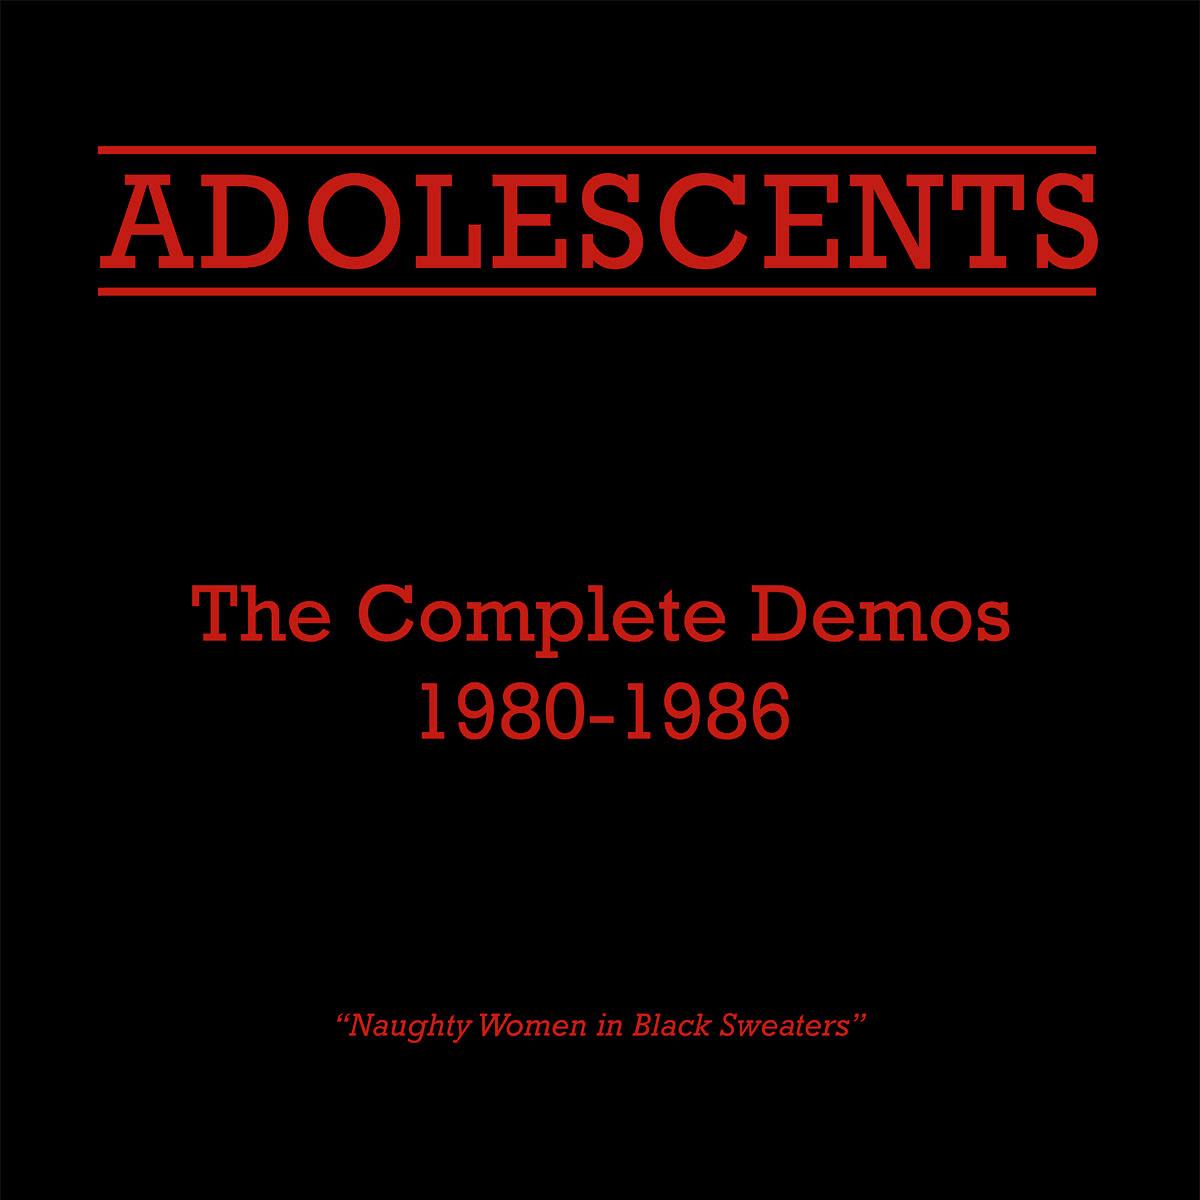 Adolescents (band)